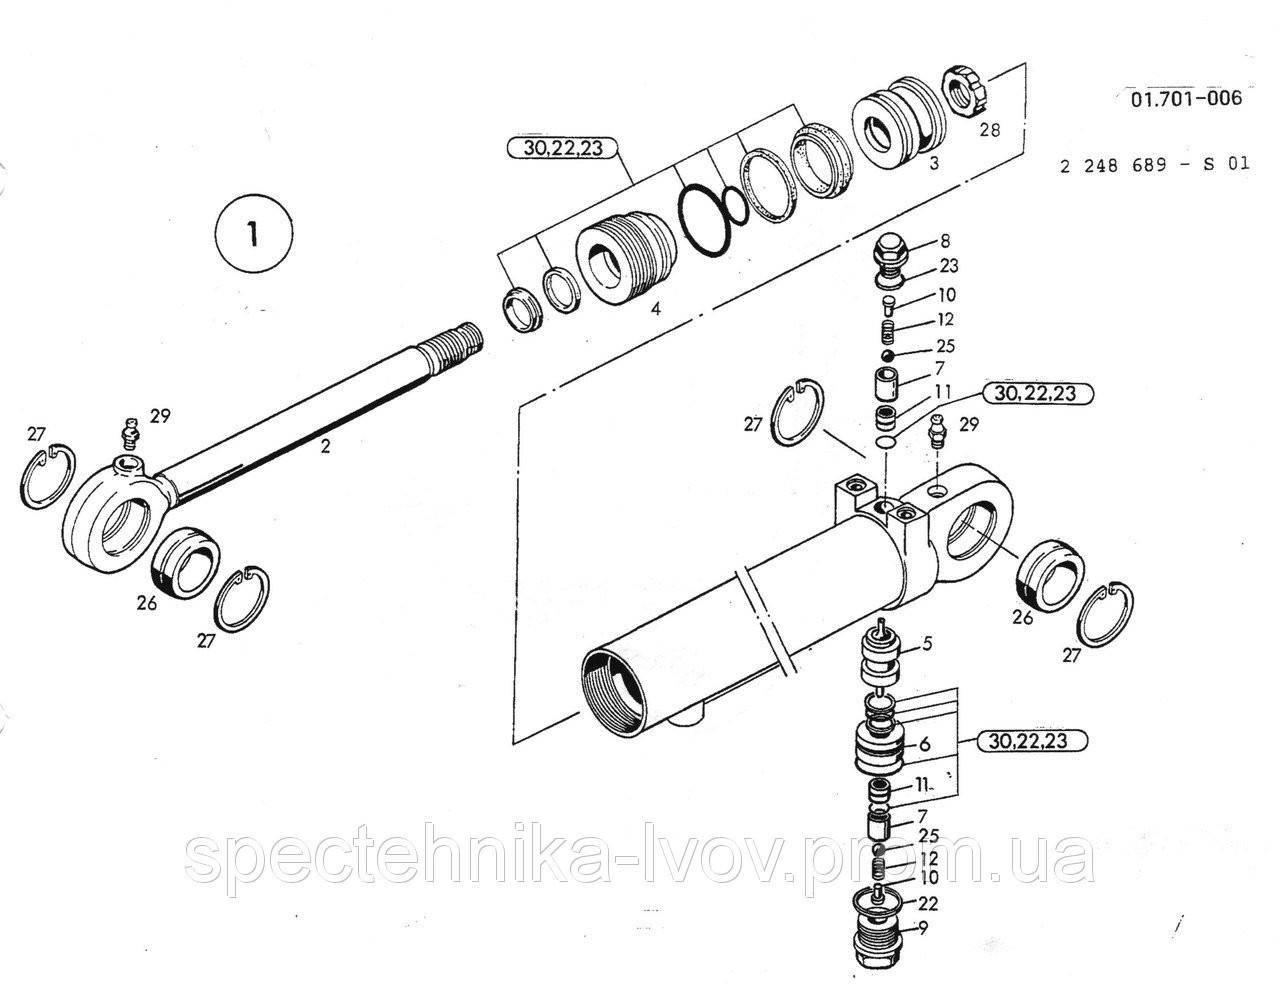 1462685 Ремкомплект гидроцилиндра O&K (Orenstein & Koppel) MH Plus